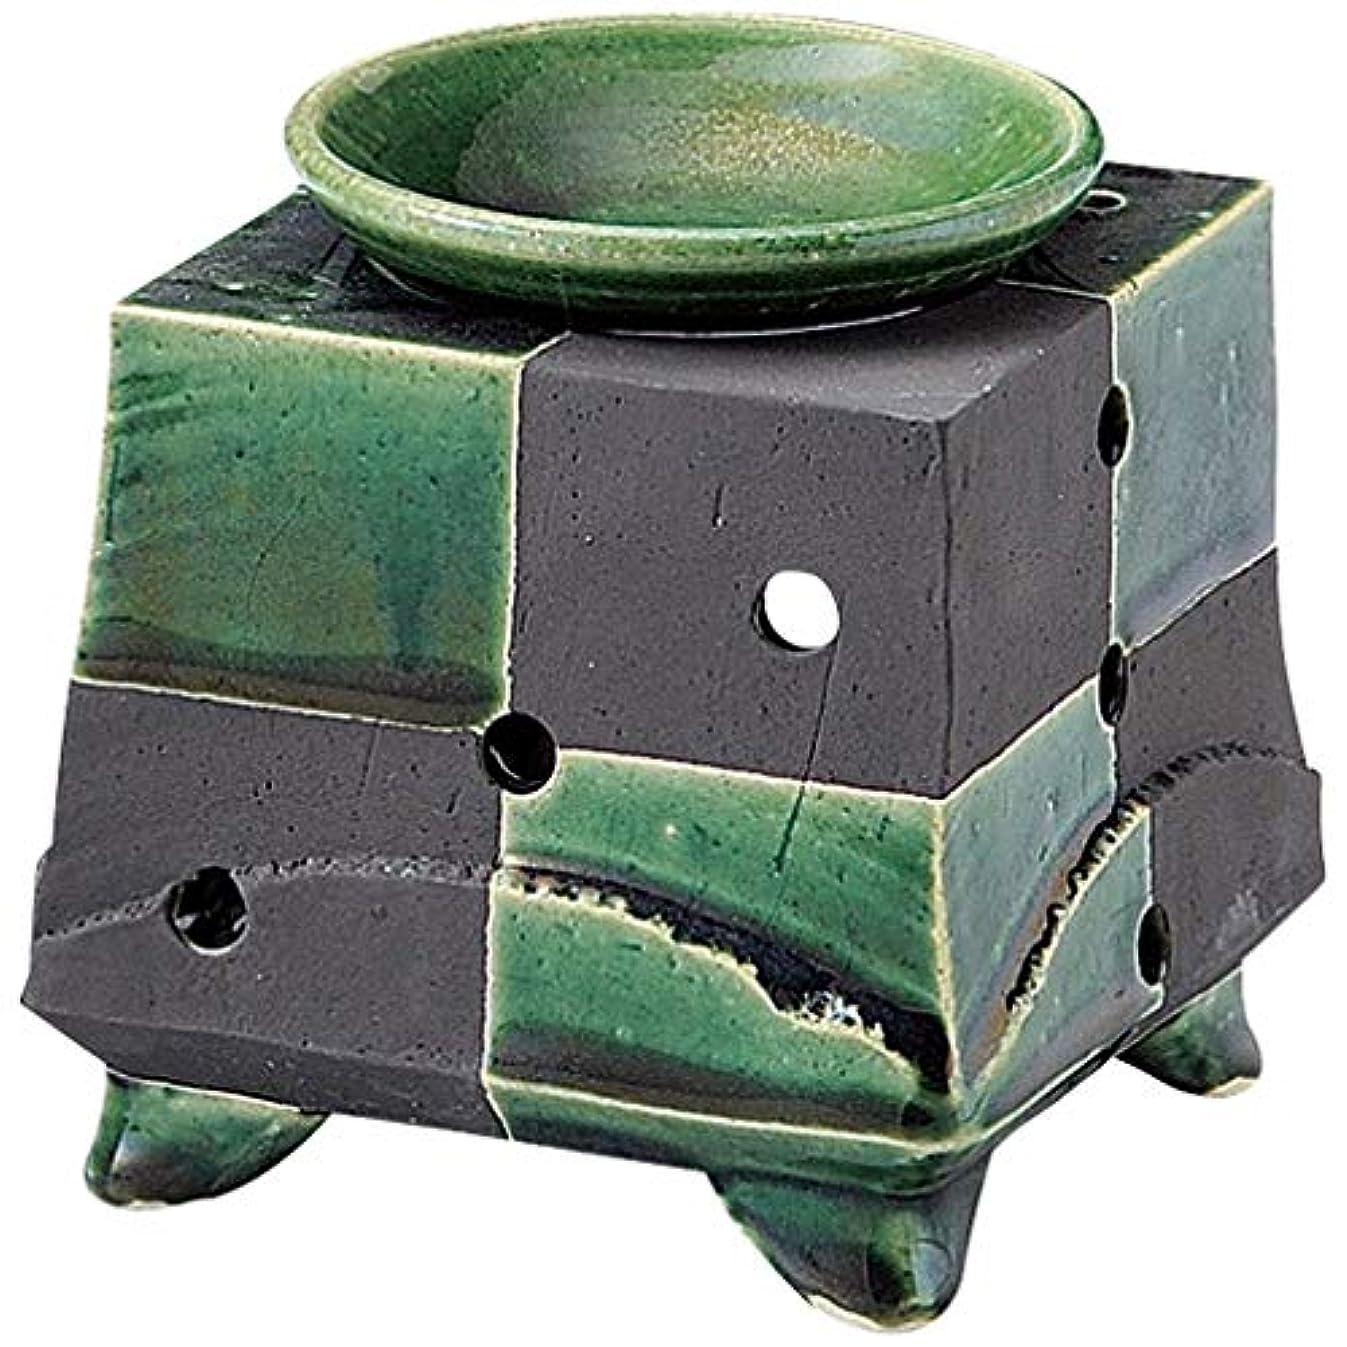 決済電圧処理するYI--Y-1622 常滑焼 茶香炉 化粧箱入 径11.5×高さ11.5cm